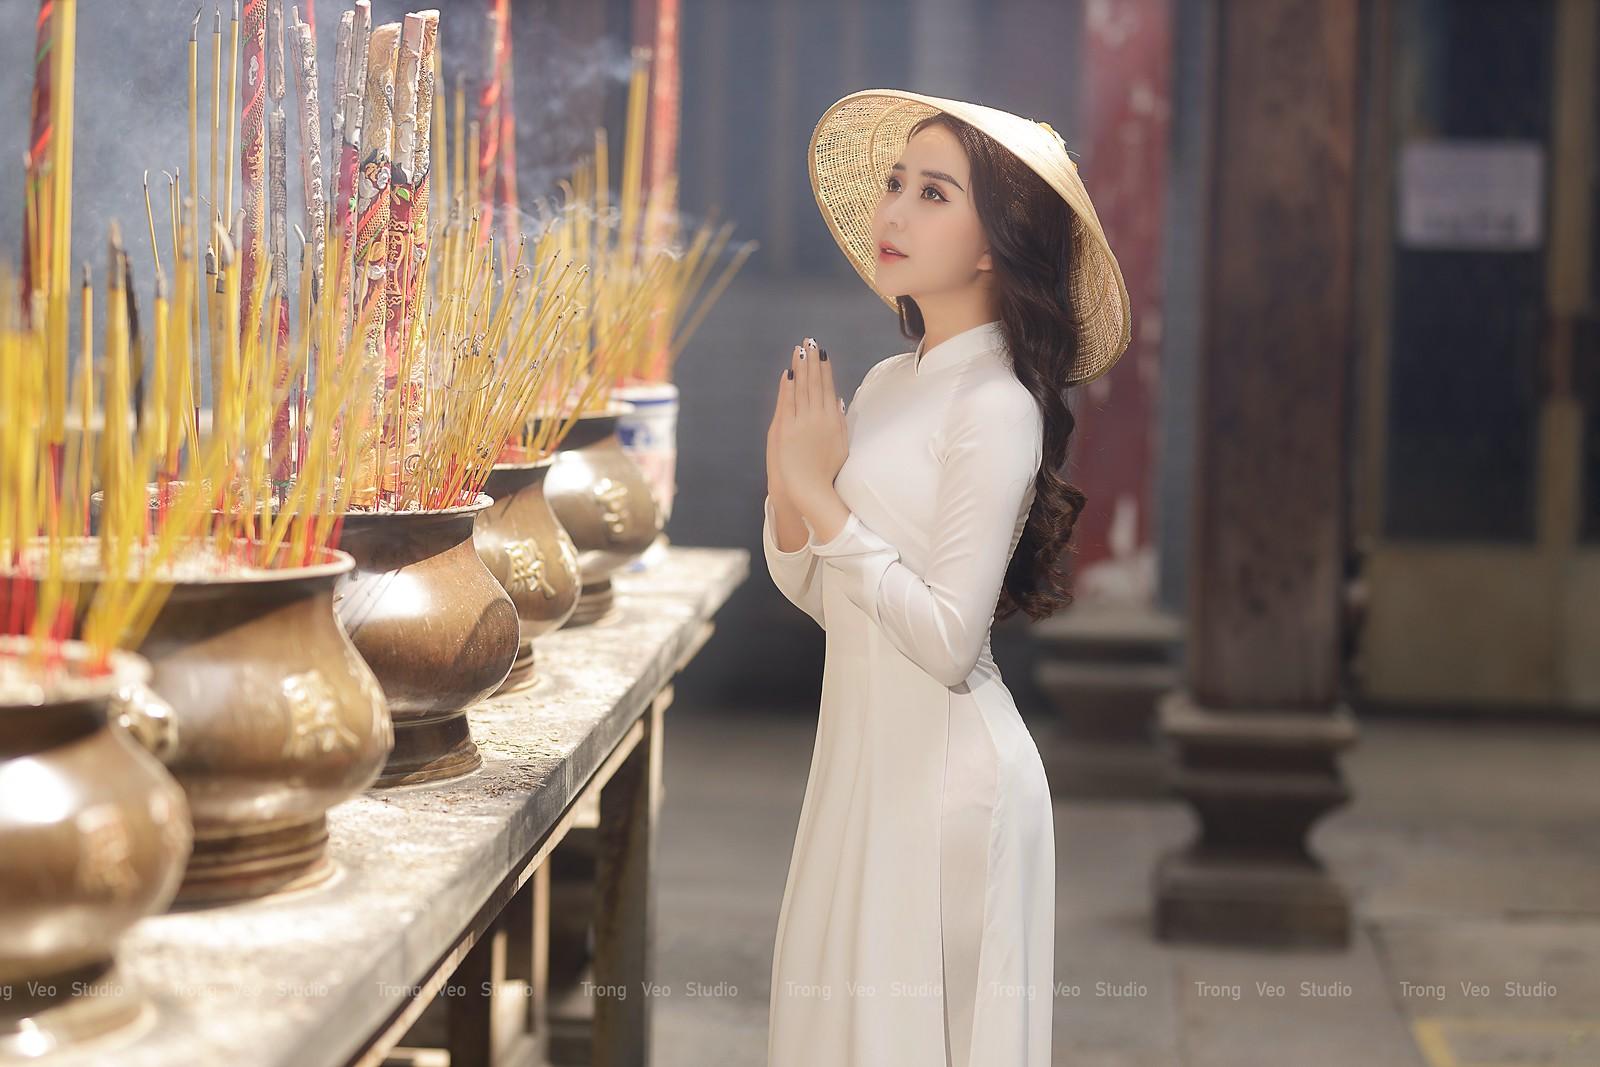 Ngắm hot girl Lục Anh xinh đẹp như hoa không sao tả xiết trong tà áo dài truyền thống - 17